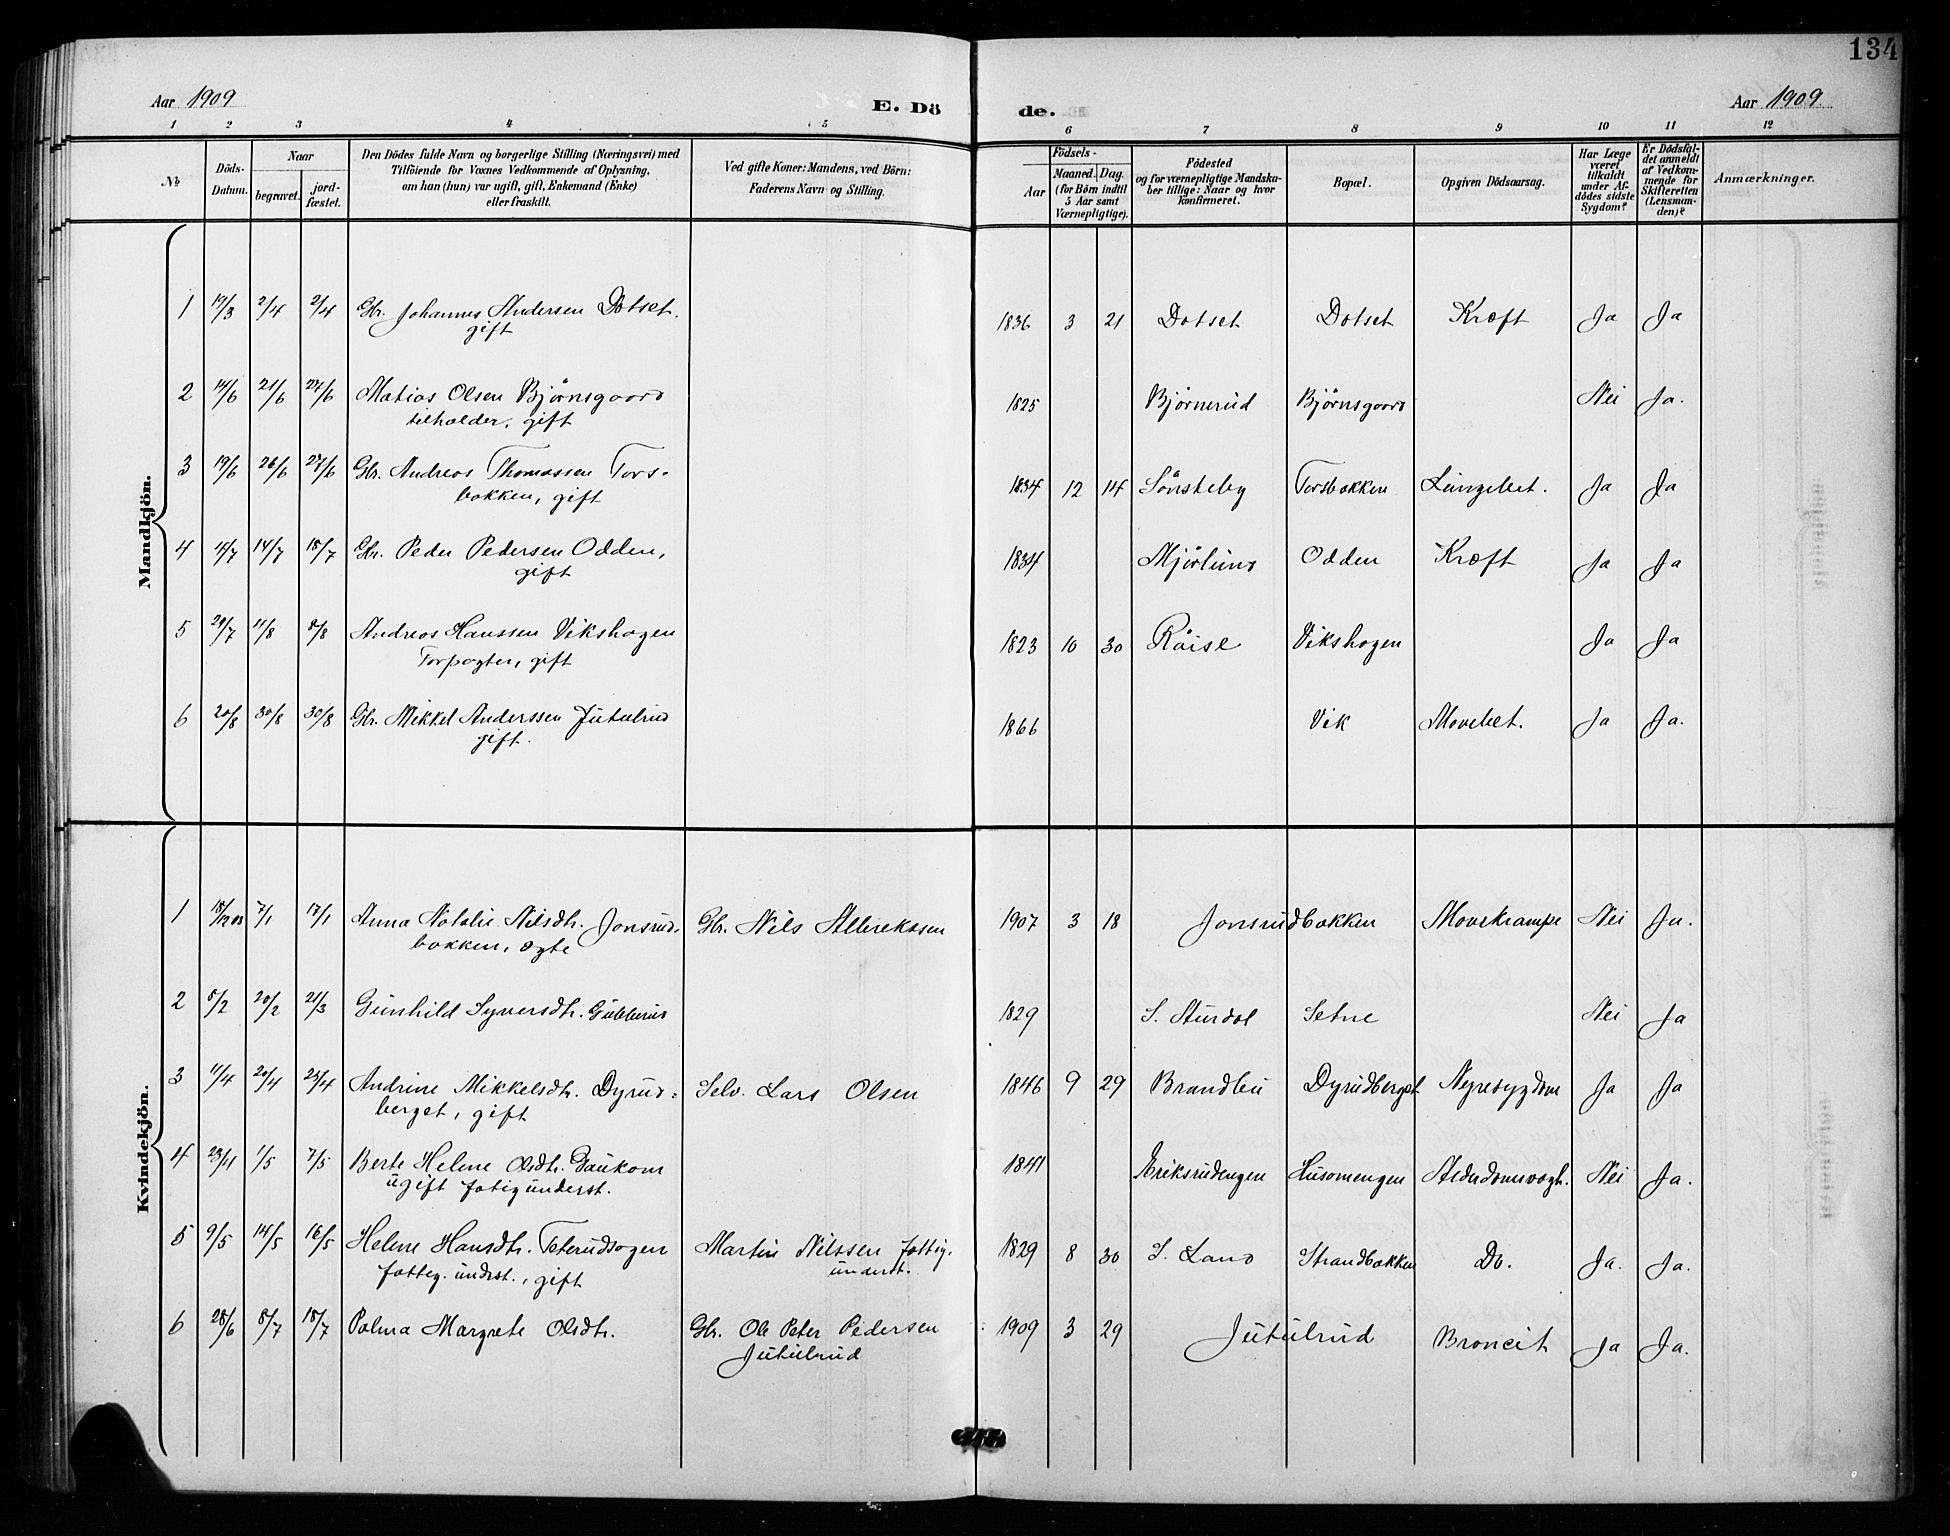 SAH, Vestre Toten prestekontor, Klokkerbok nr. 16, 1901-1915, s. 134